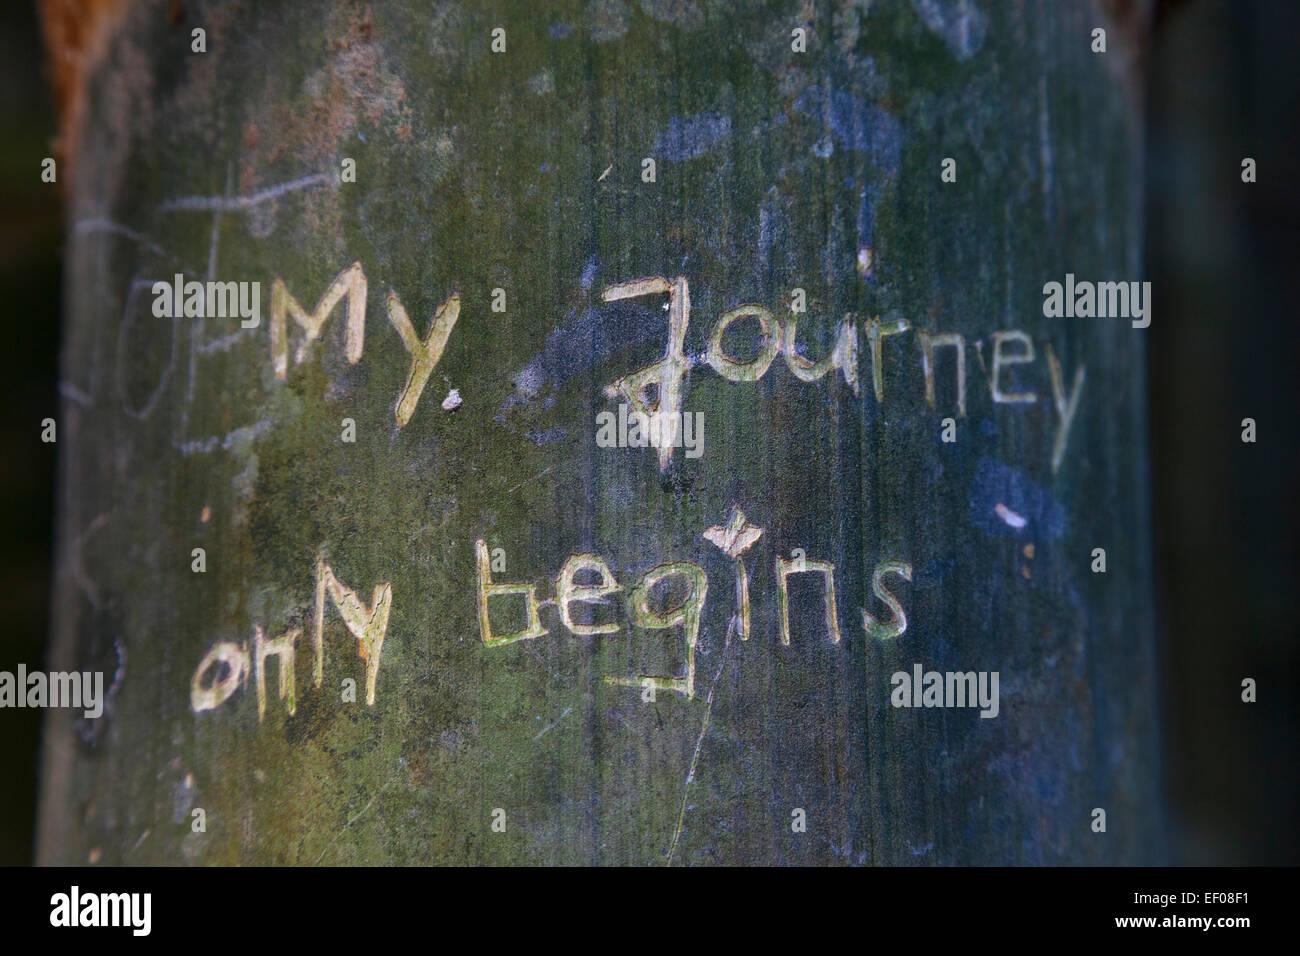 Meine Reise beginnt erst, schriftlich in einem Baum, Australien Stockbild